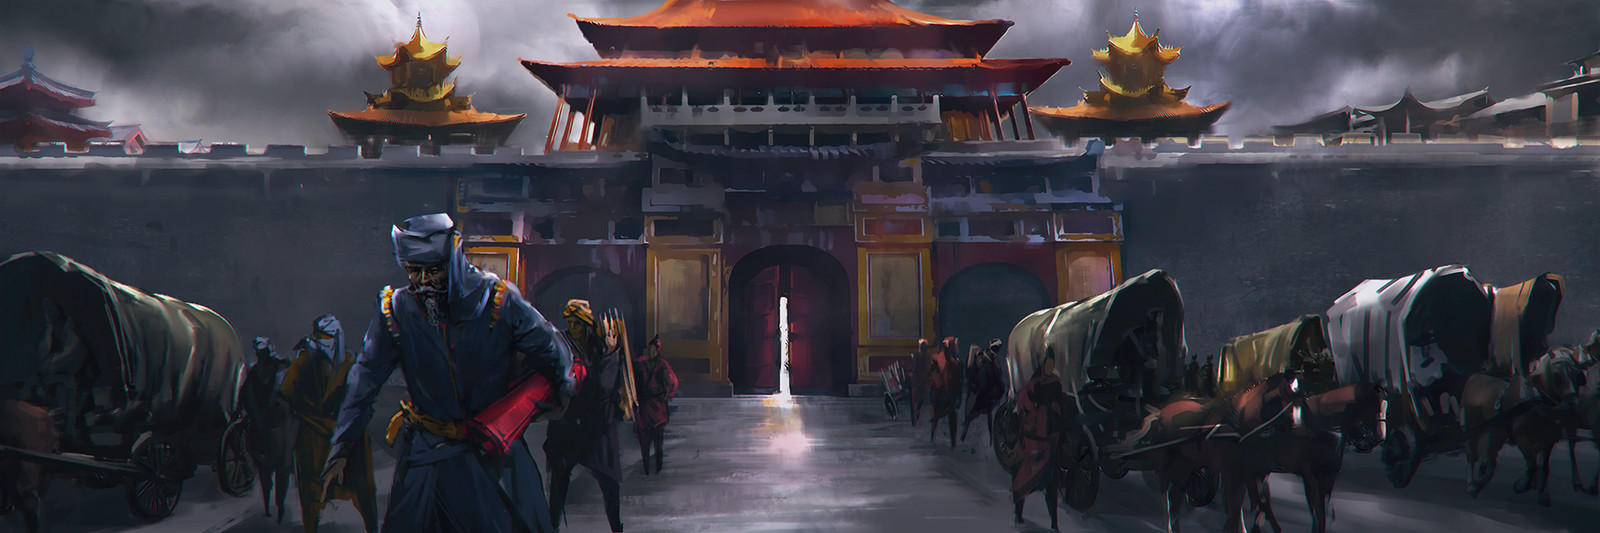 China turns inward